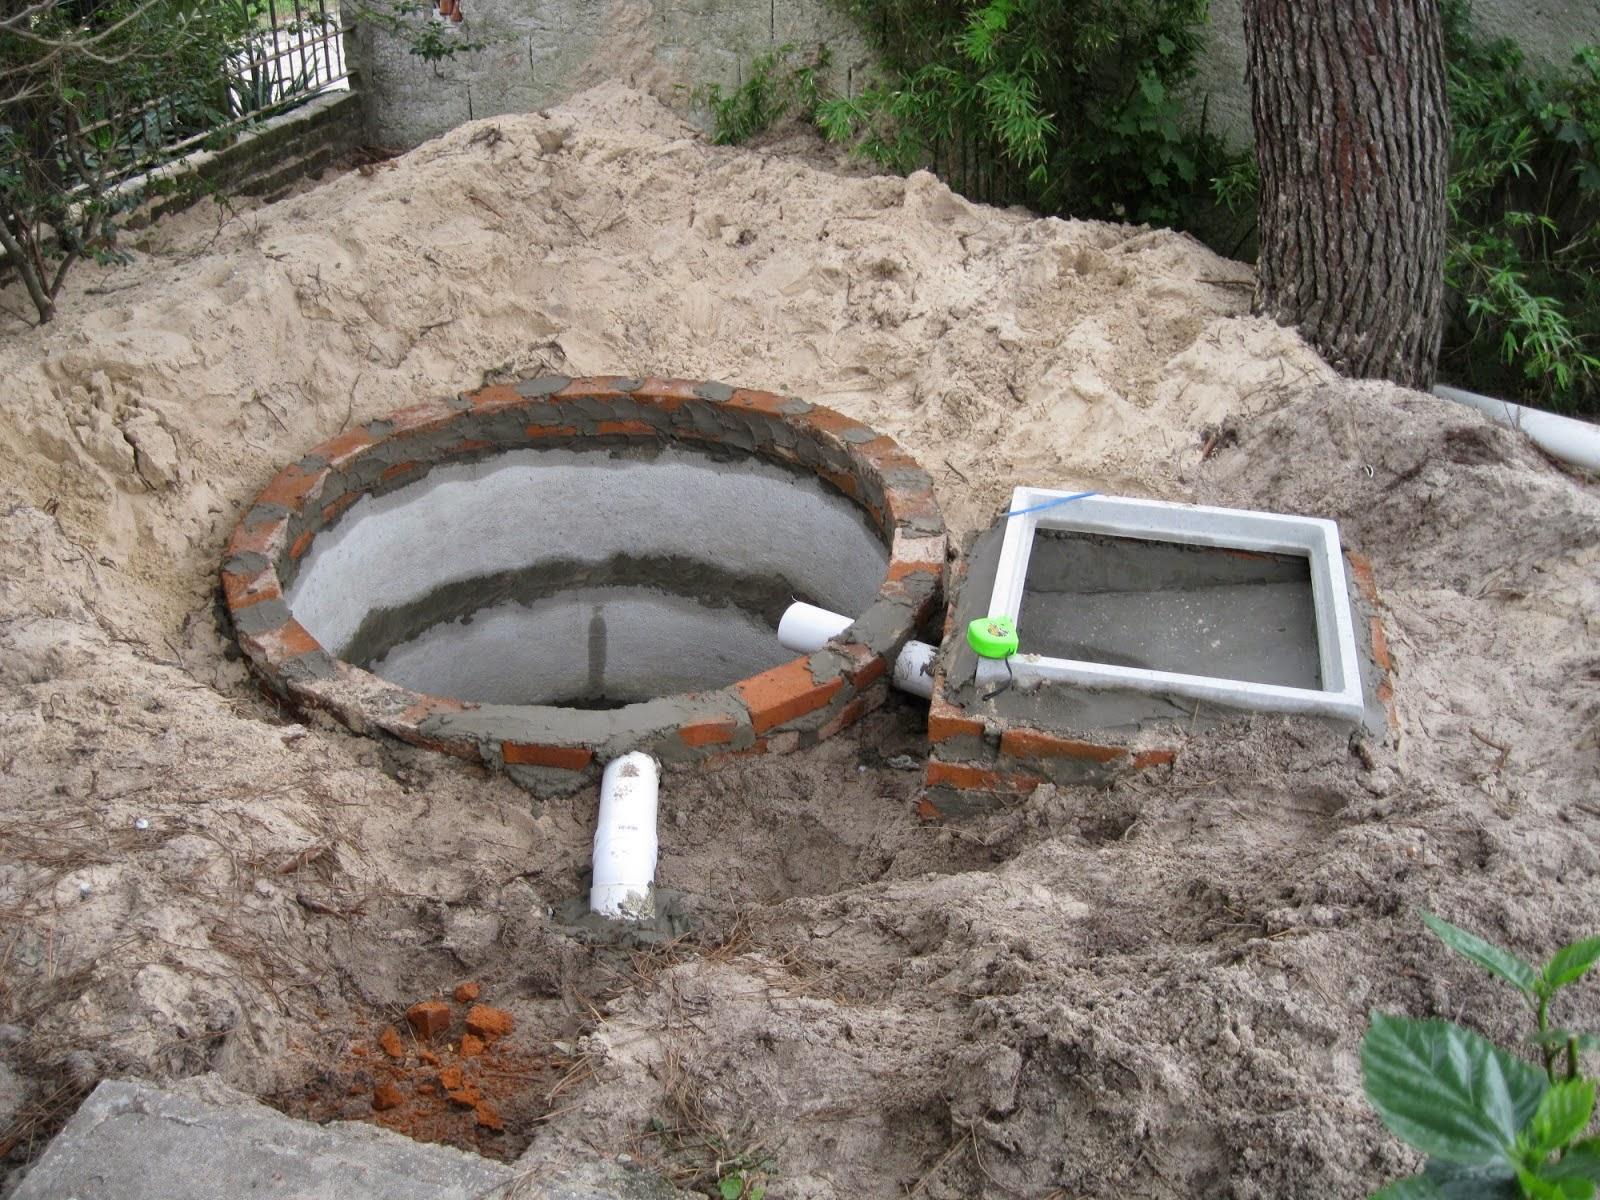 Limpieza de fosas s pticas desatascos en cornell 663 - Construir fosa septica ...